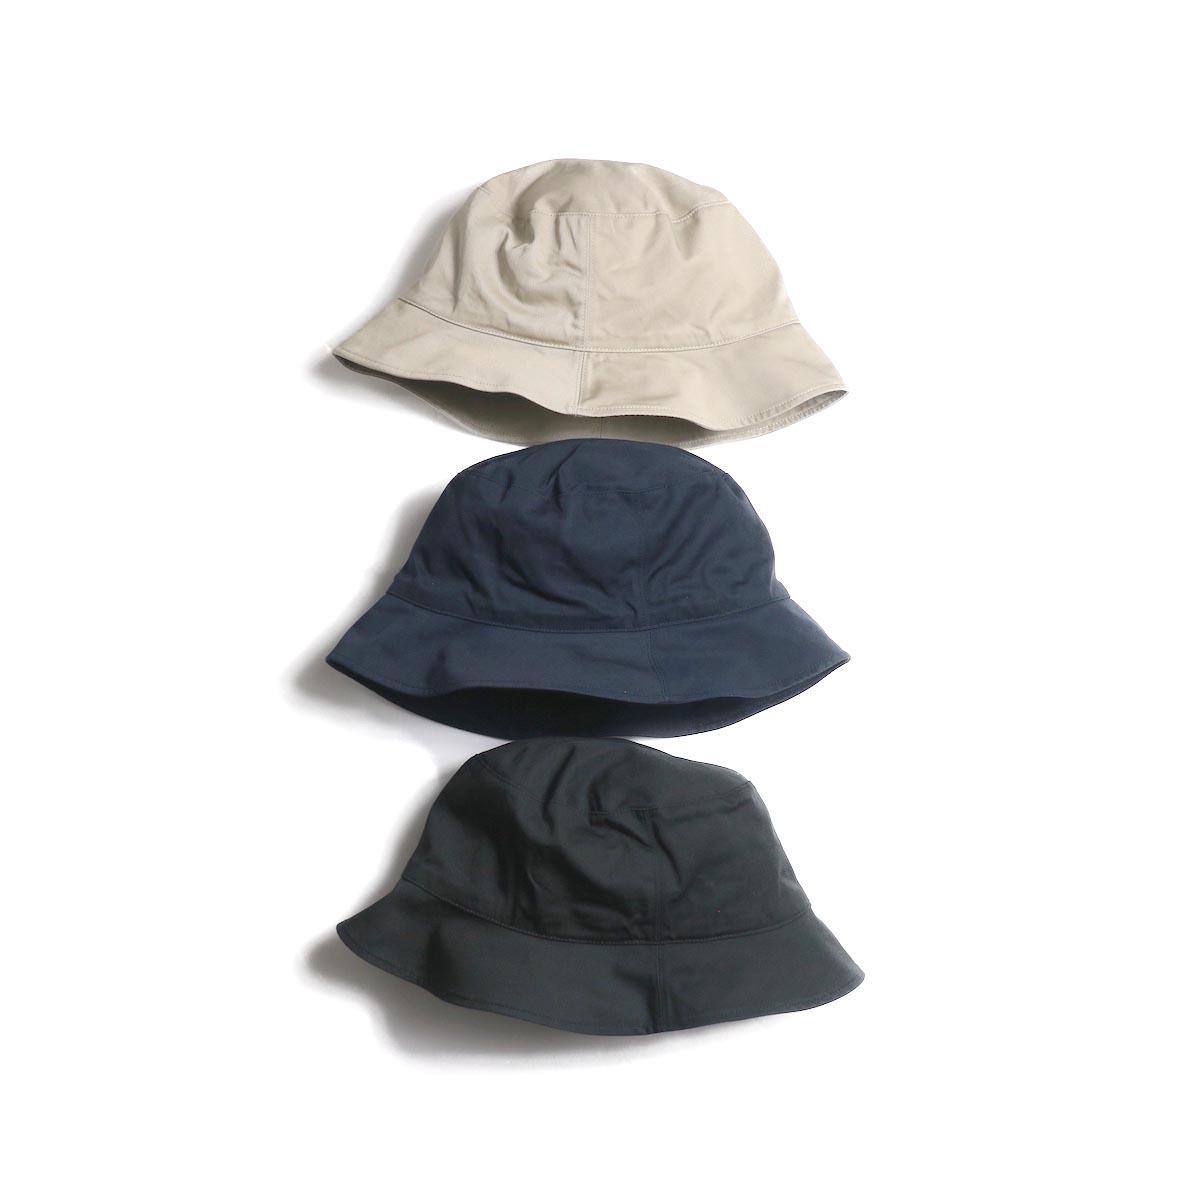 KIJIMA TAKAYUKI / Cotton Twill Hat (No.191108)